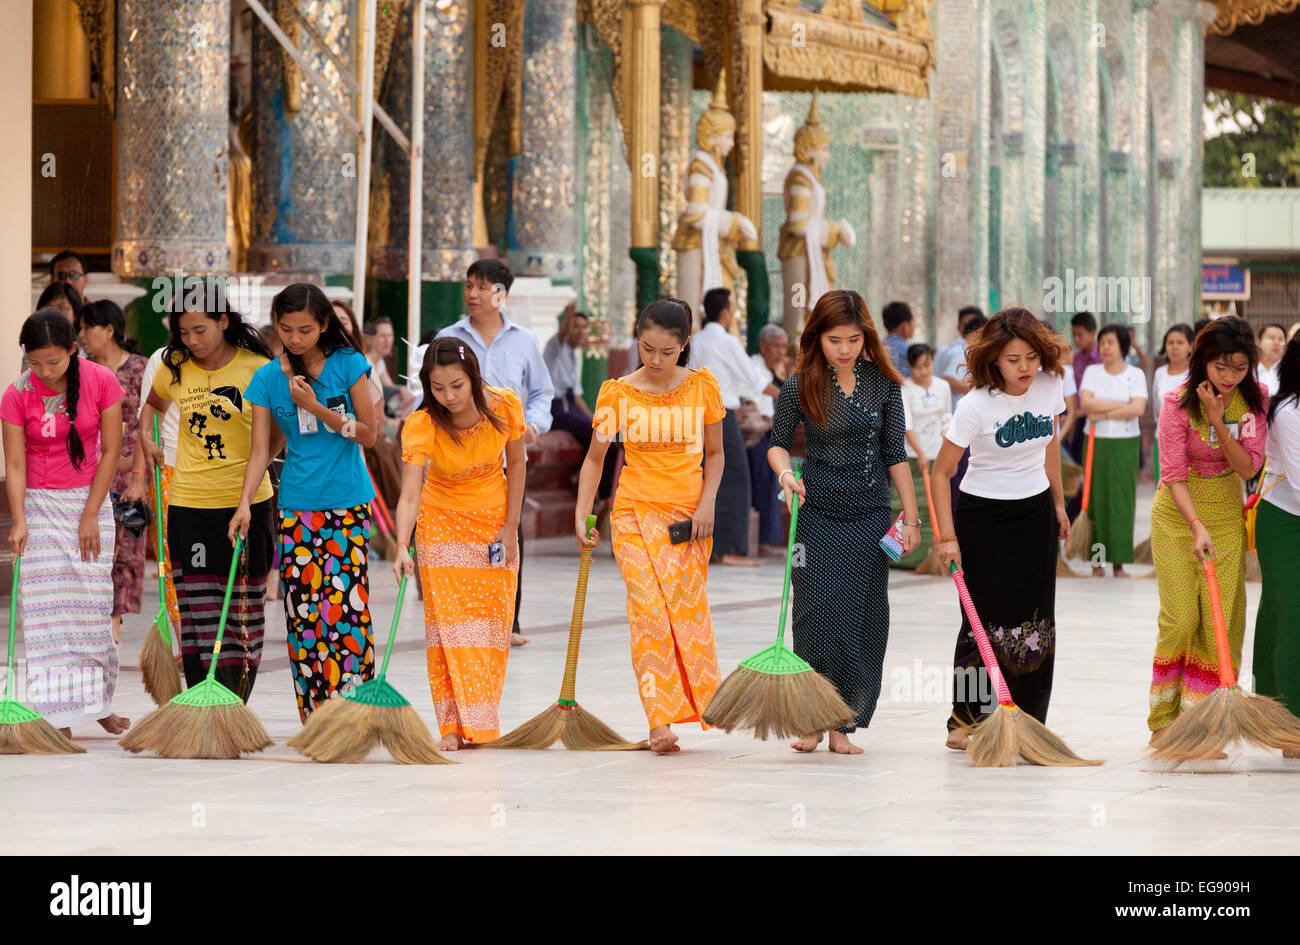 Young Burmese women sweeping the floor at sunset, Shwedagon Pagoda, Yangon, Myanmar ( Burma ), Asia Stock Photo